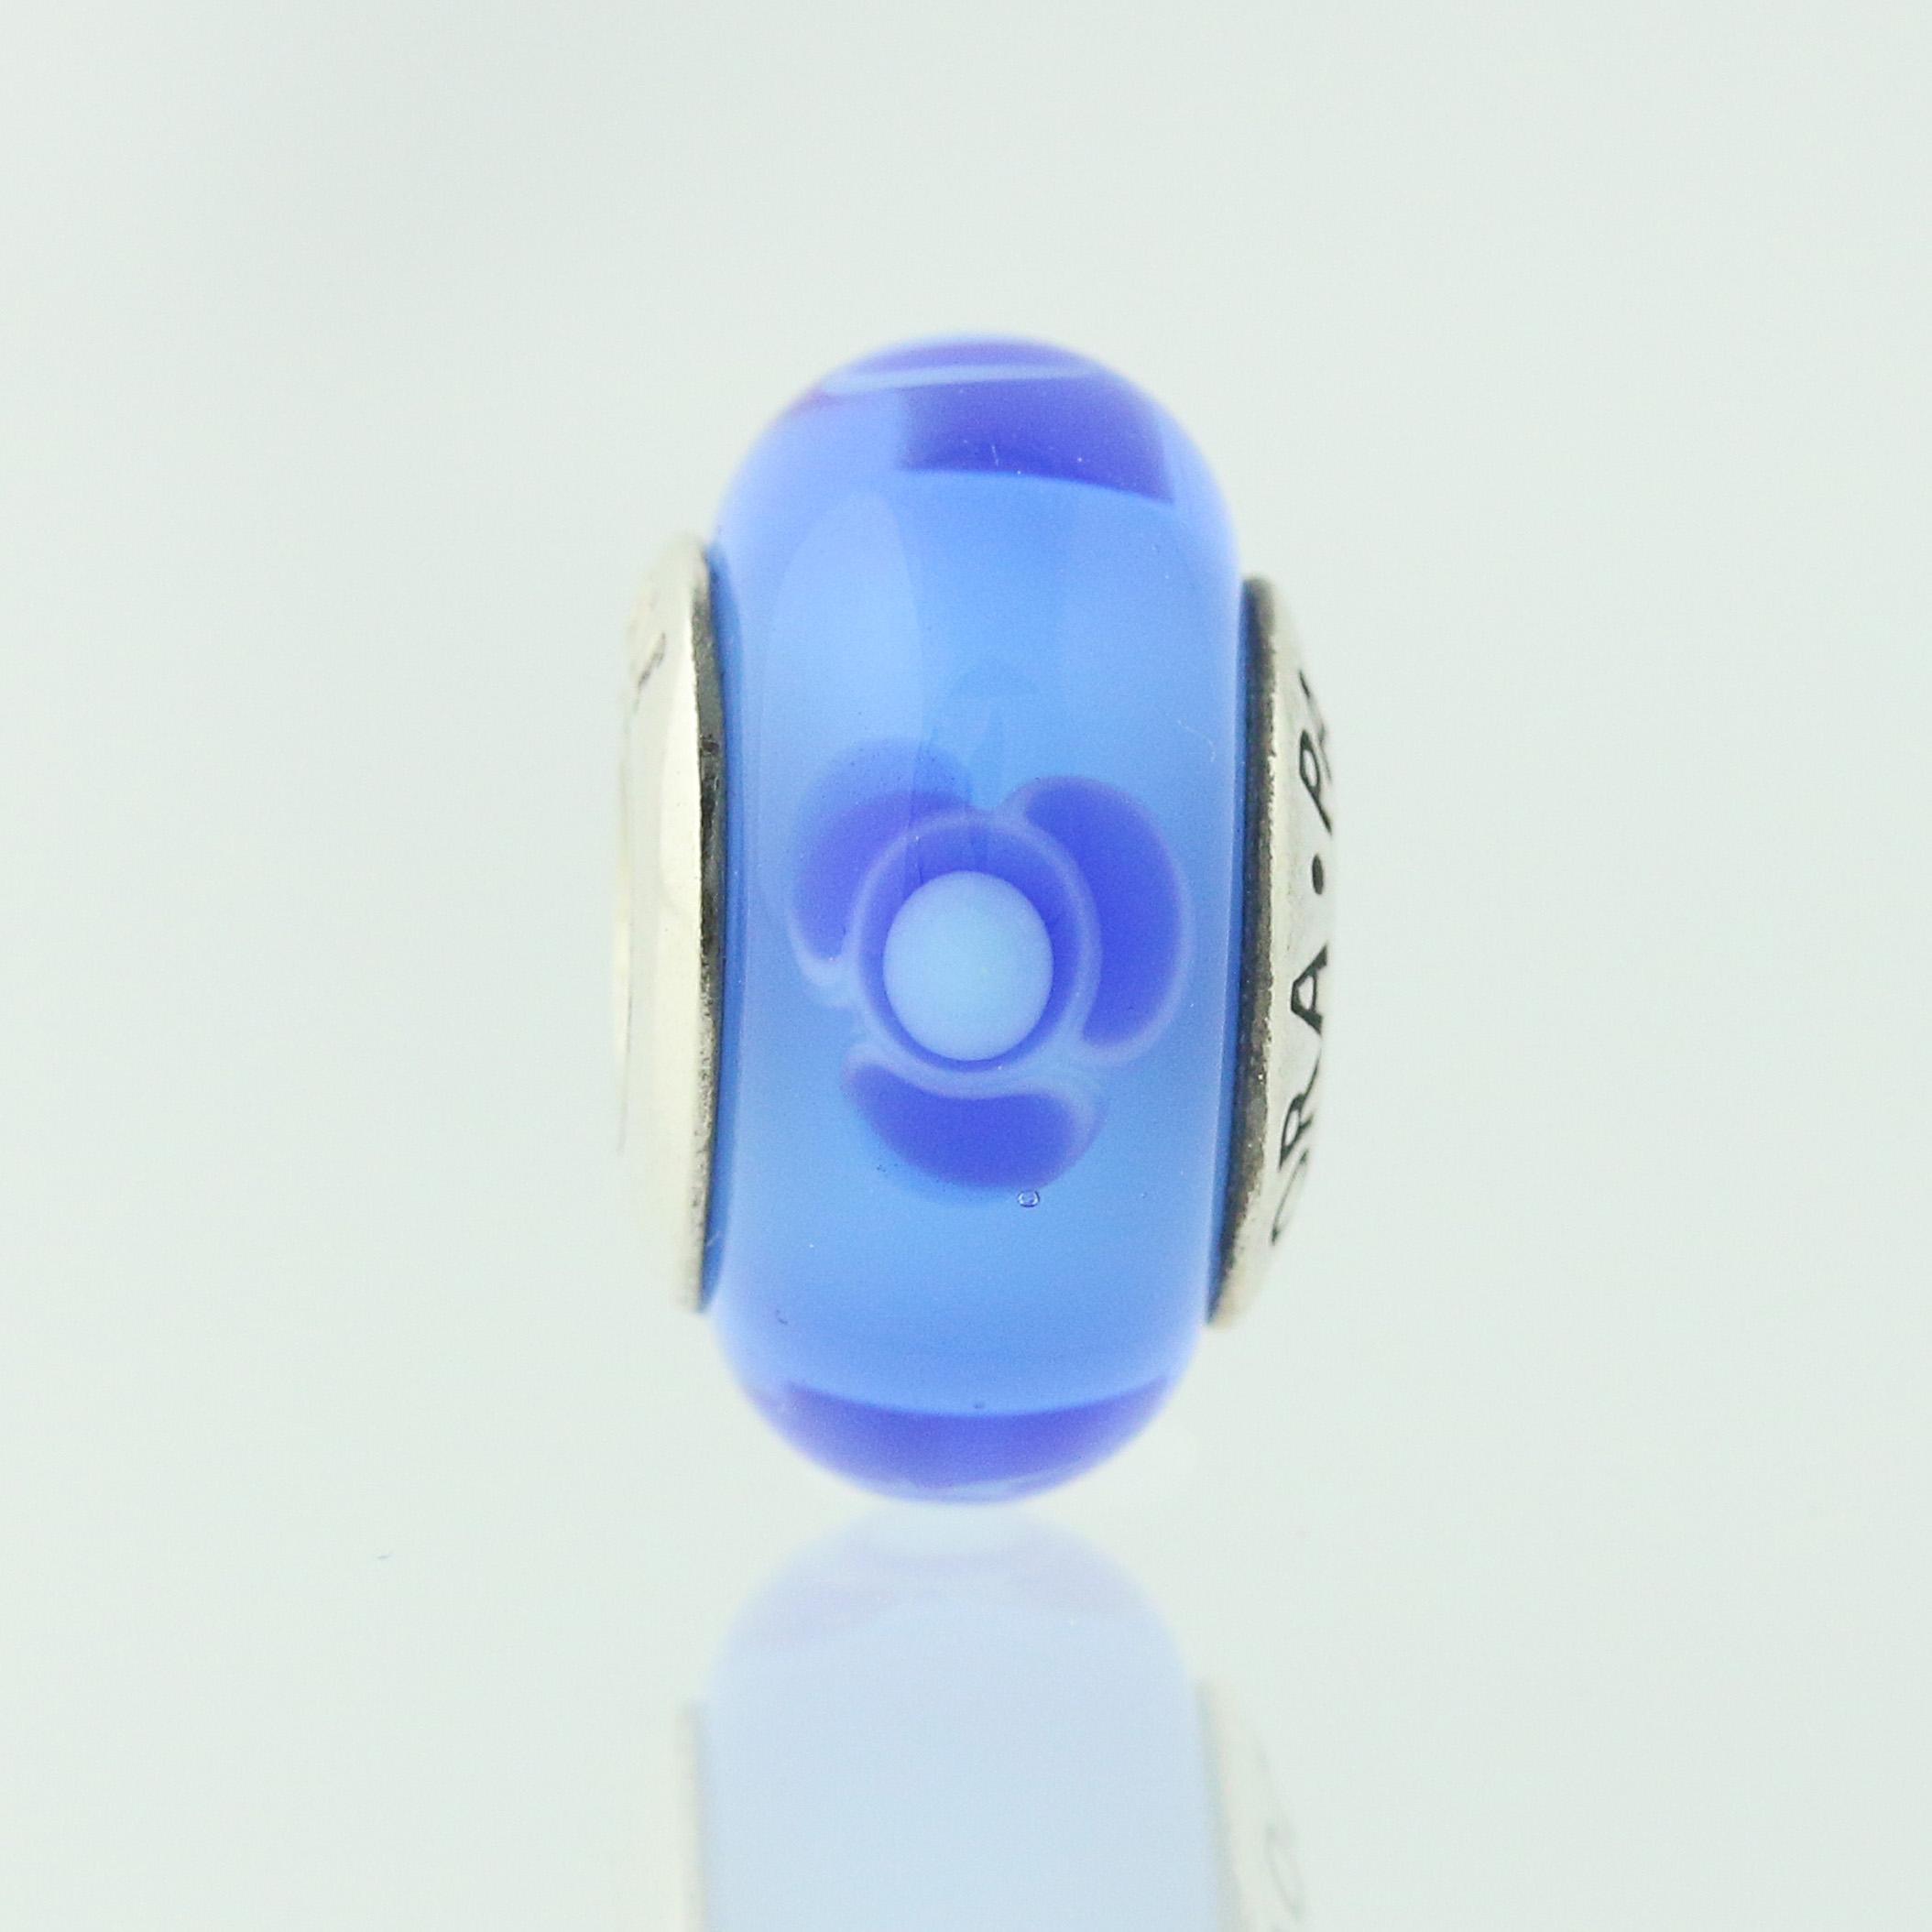 New pandora bead charm sterling murano glass 790644 blue flowers for new pandora bead charm sterling murano glass 790644 blue flowers for you retired izmirmasajfo